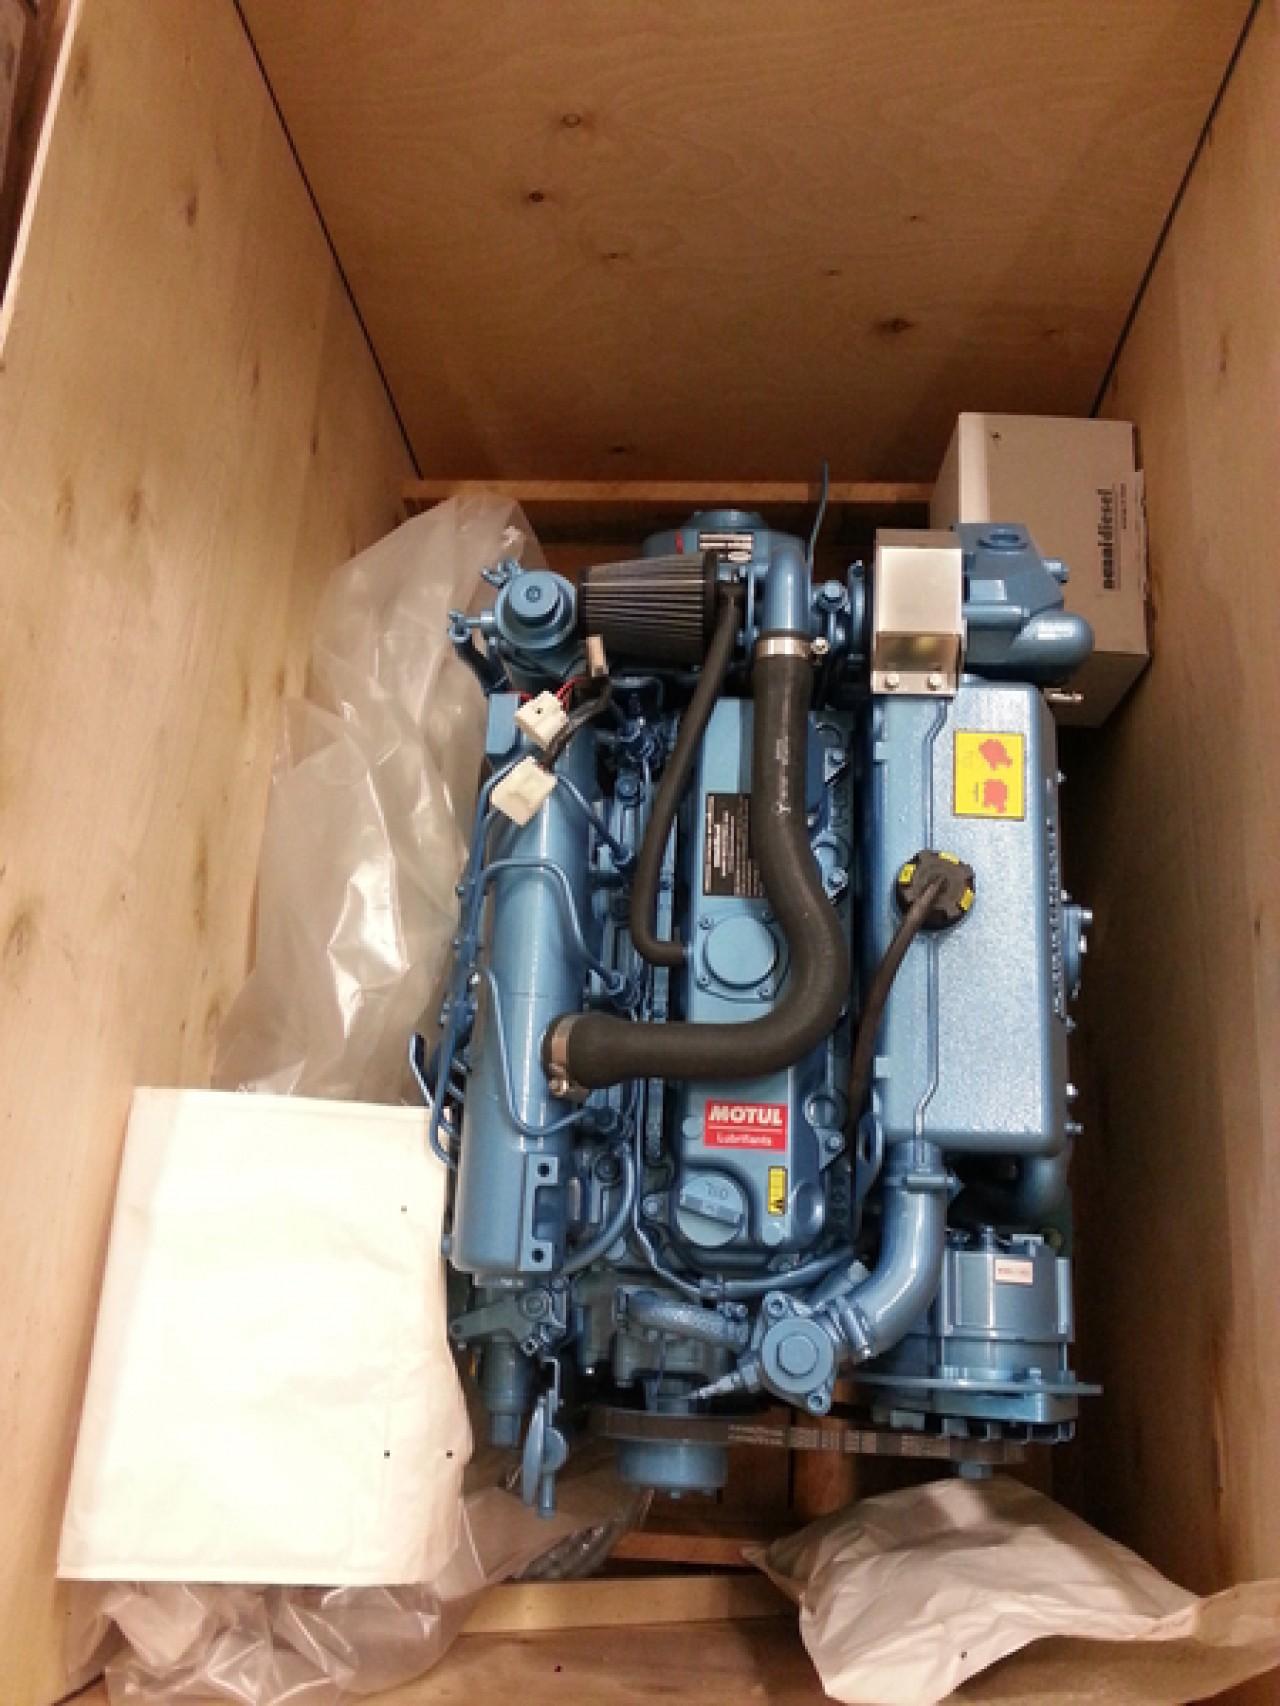 Дизельный двигатель NANNI N4 60Hp - TMC 260 1:2,47 R